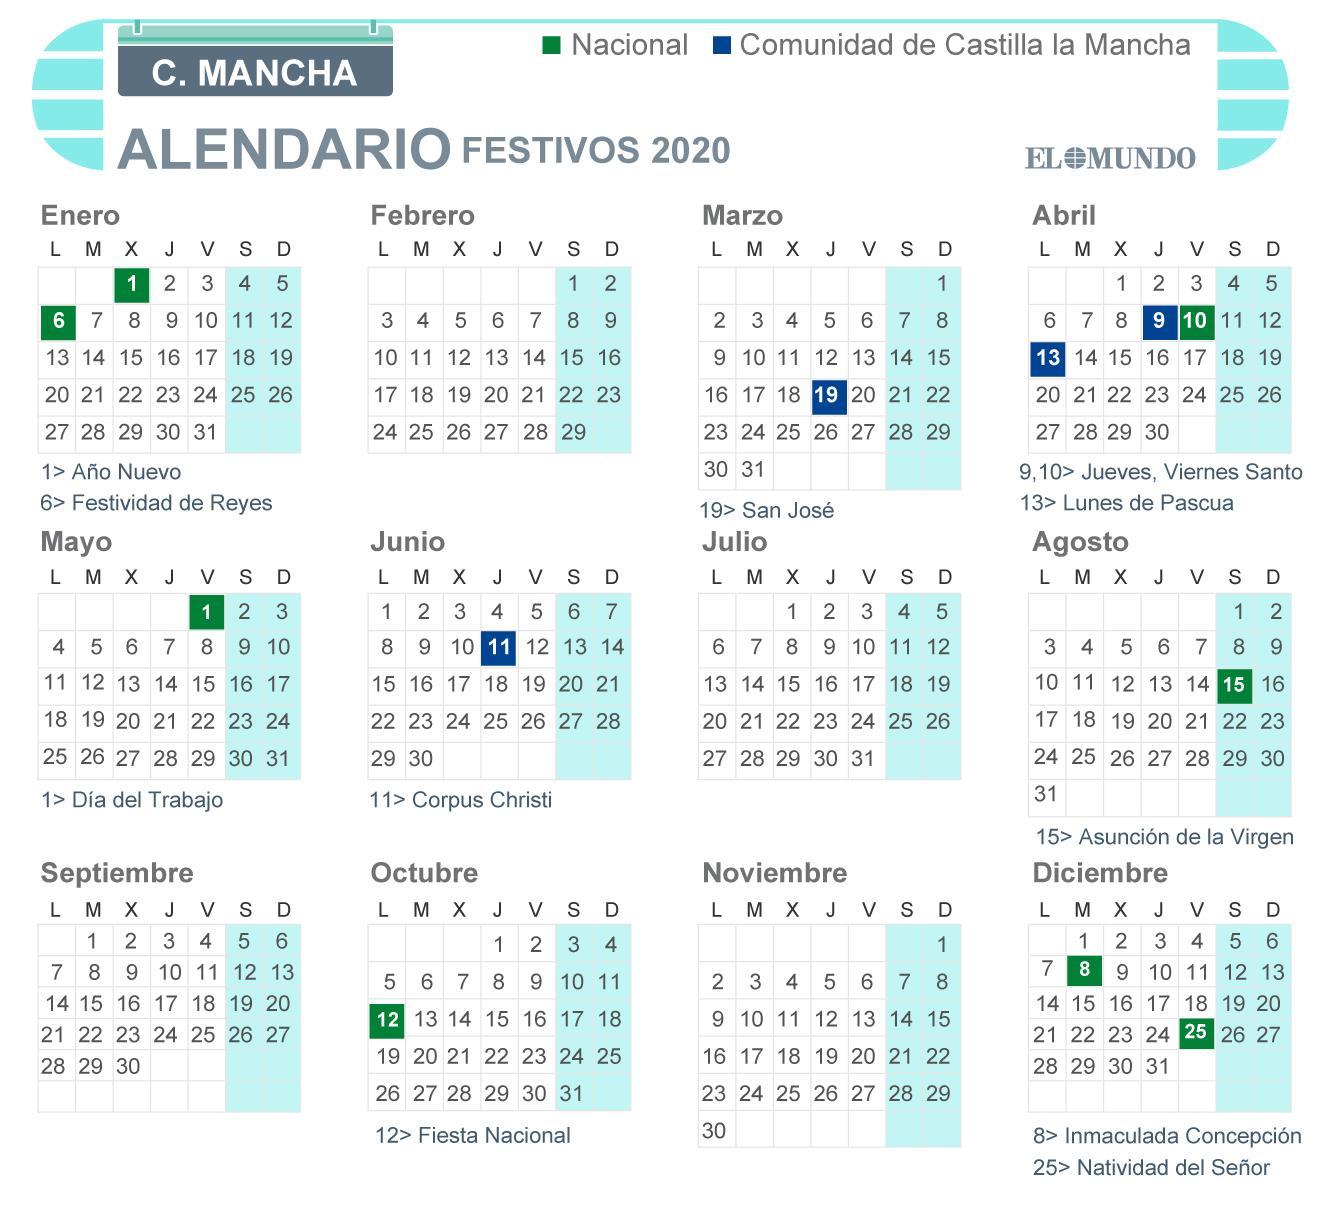 Calendario laboral de Castilla-La Mancha 2020